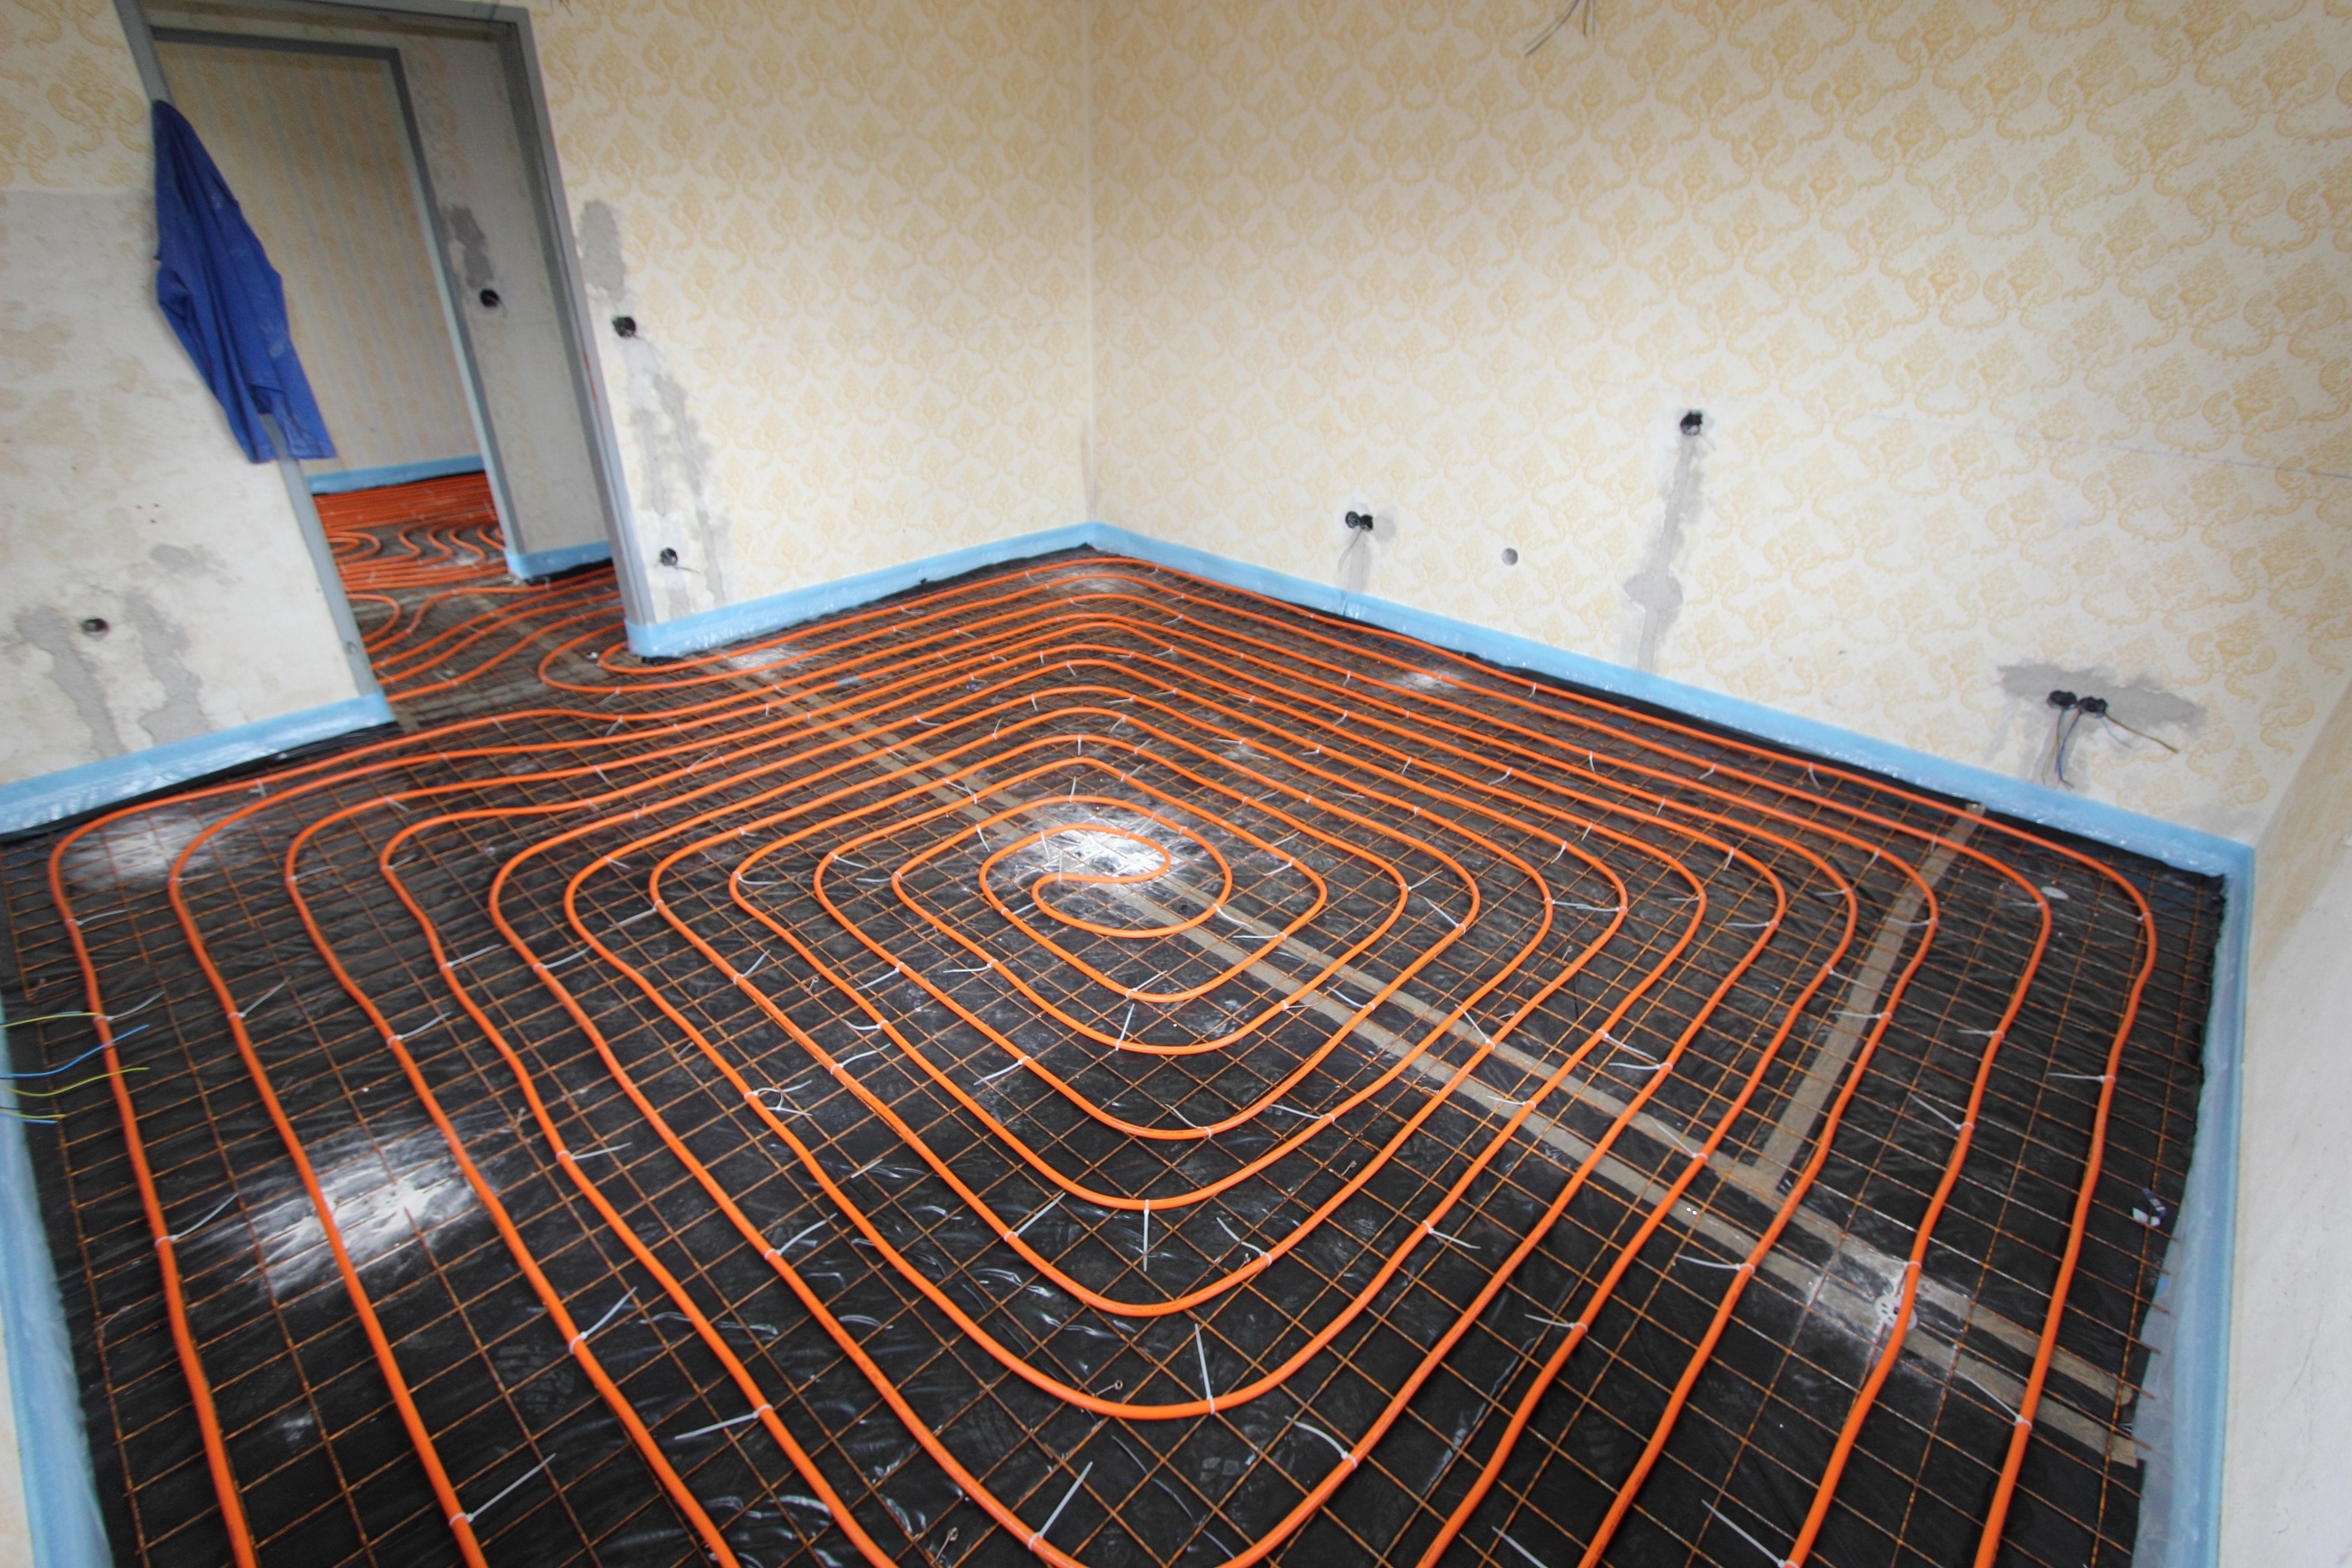 Fußbodenheizung Verlegen ~ Verlegung einer fußbodenheizung mit alu verbundrohr variotherm